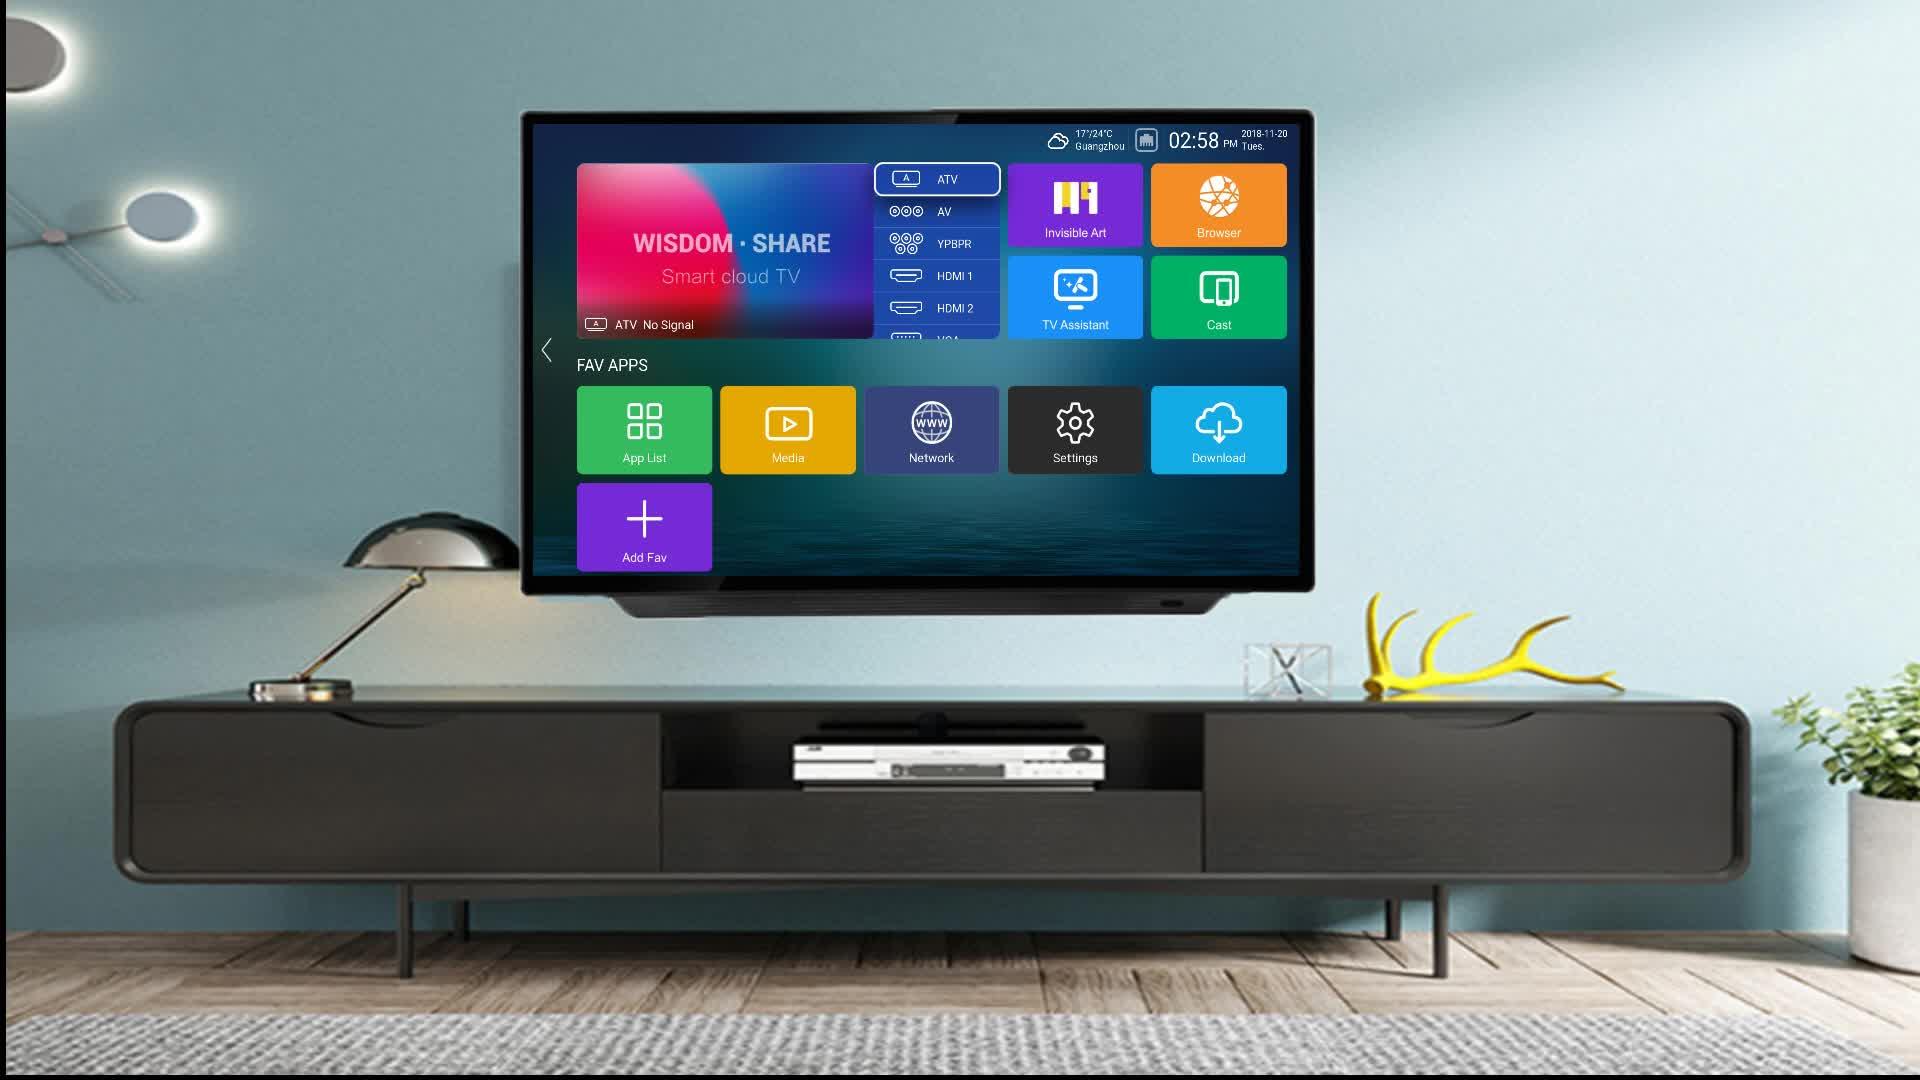 Haina çin ucuz televizyon hd led 39 inç akıllı tv